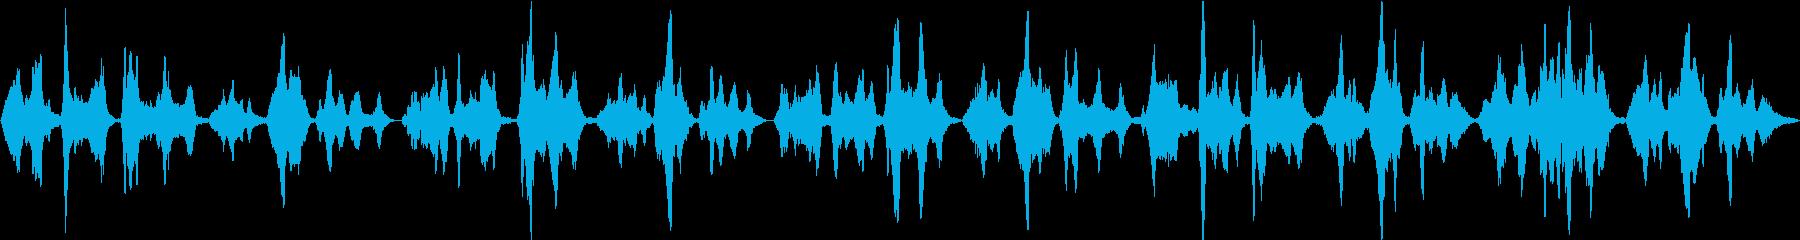 癒しの二胡が奏でる日本の童謡「子守歌」の再生済みの波形